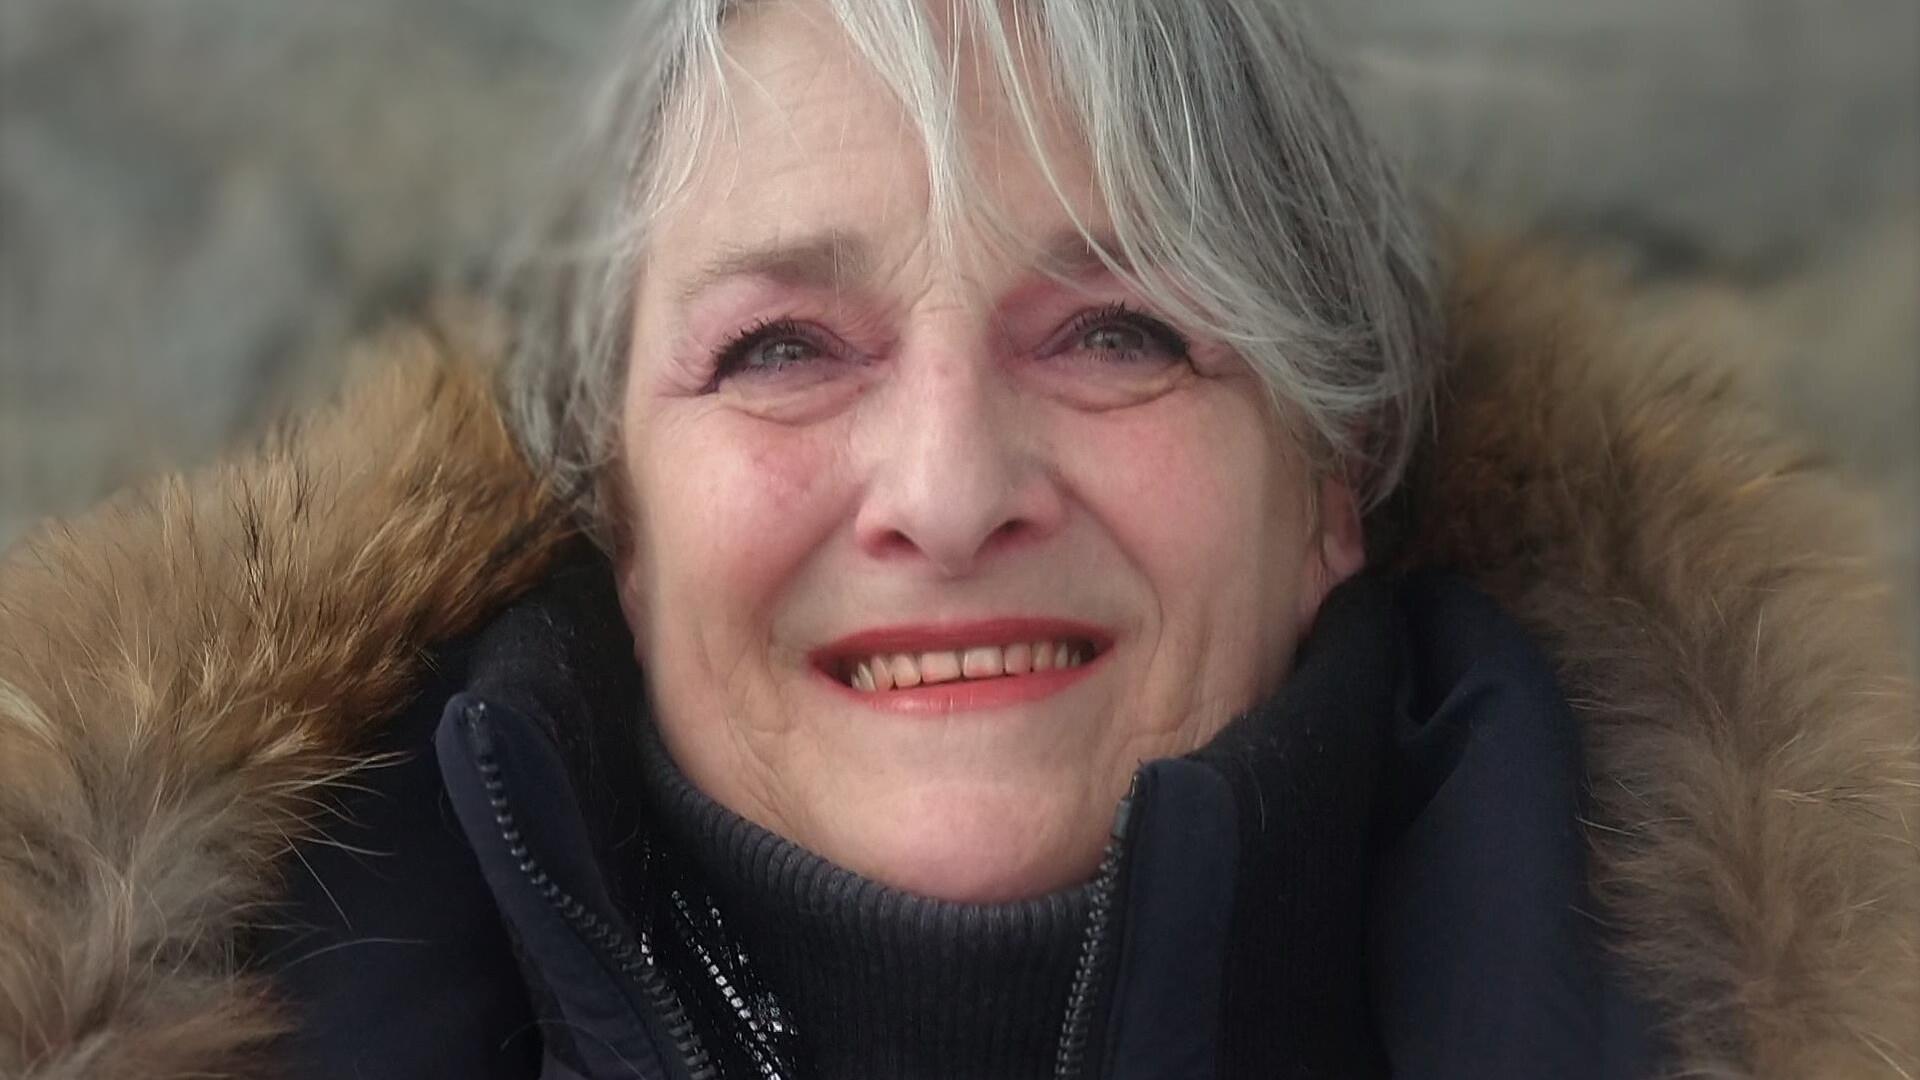 Portrait en couleur, en extérieur, d'une femme aux cheveux gris portant un manteau noir avec une bordure de fourrure. Elle regarde au loin, face à l'appareil photo, et sourit.